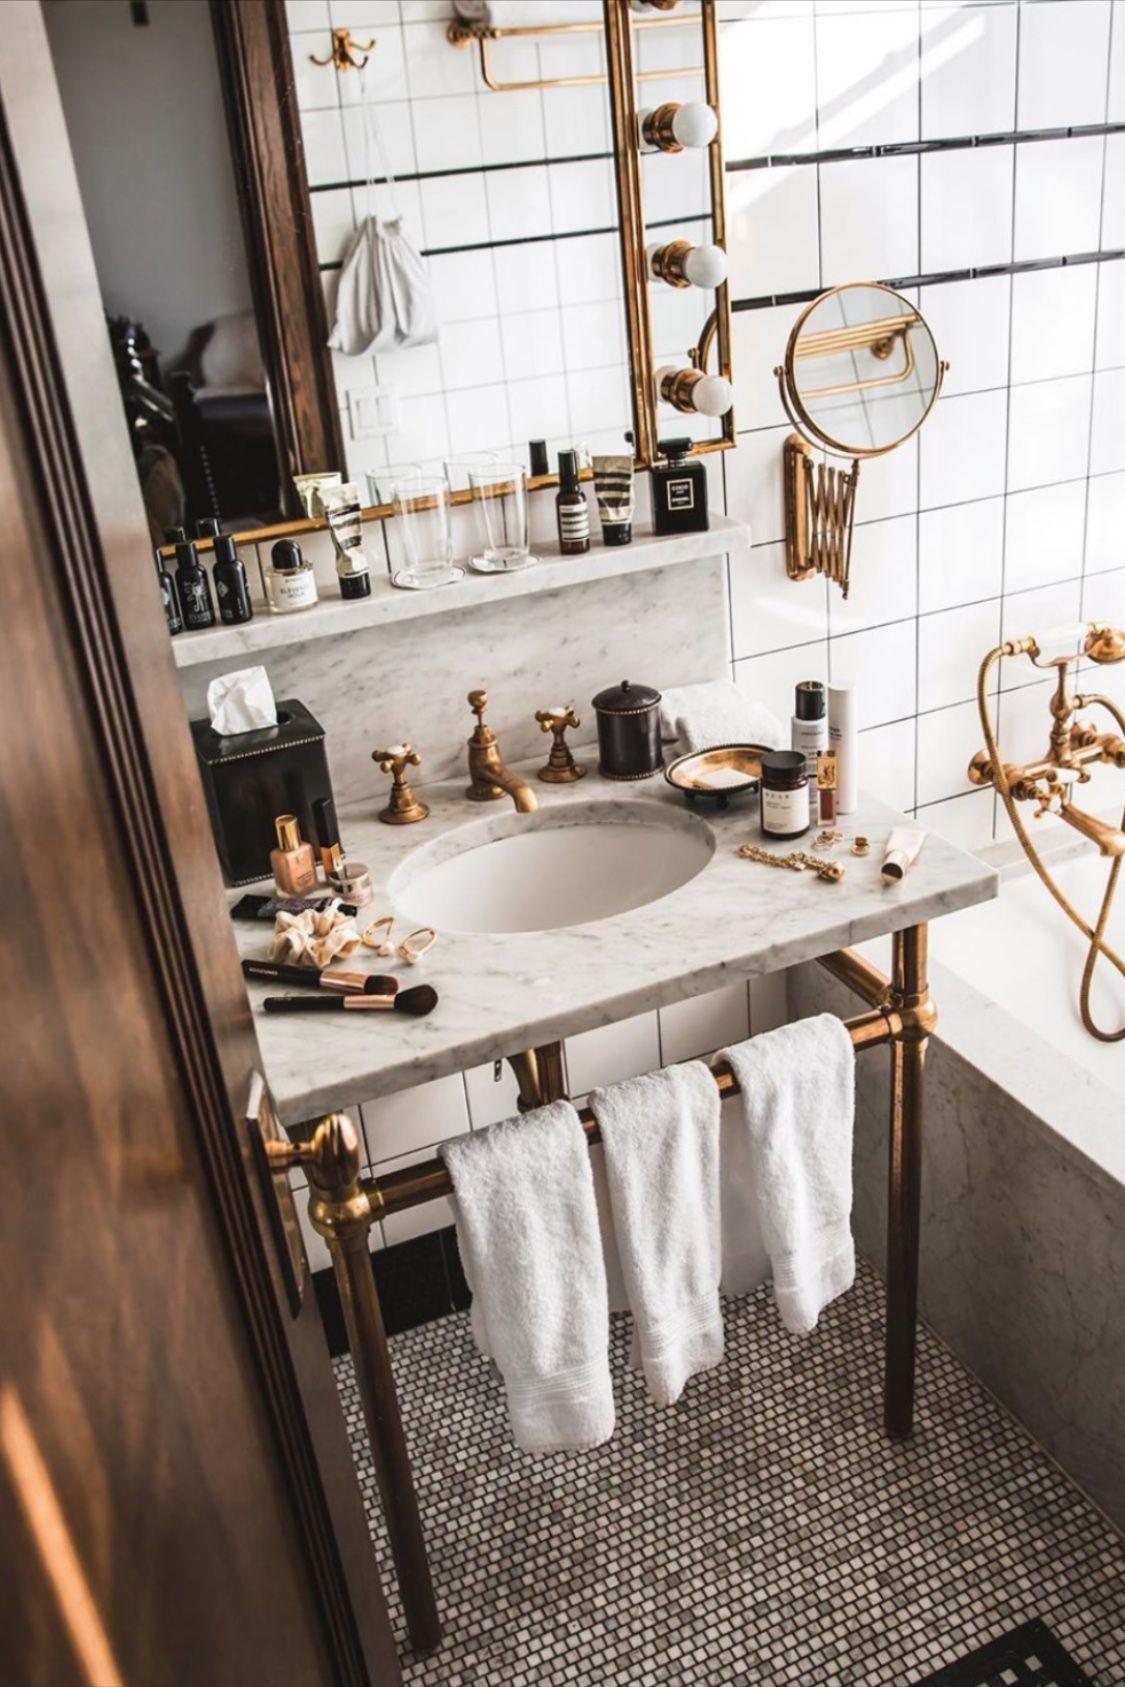 Market Bag In 2020 Bathroom Interior Bathroom Interior Design